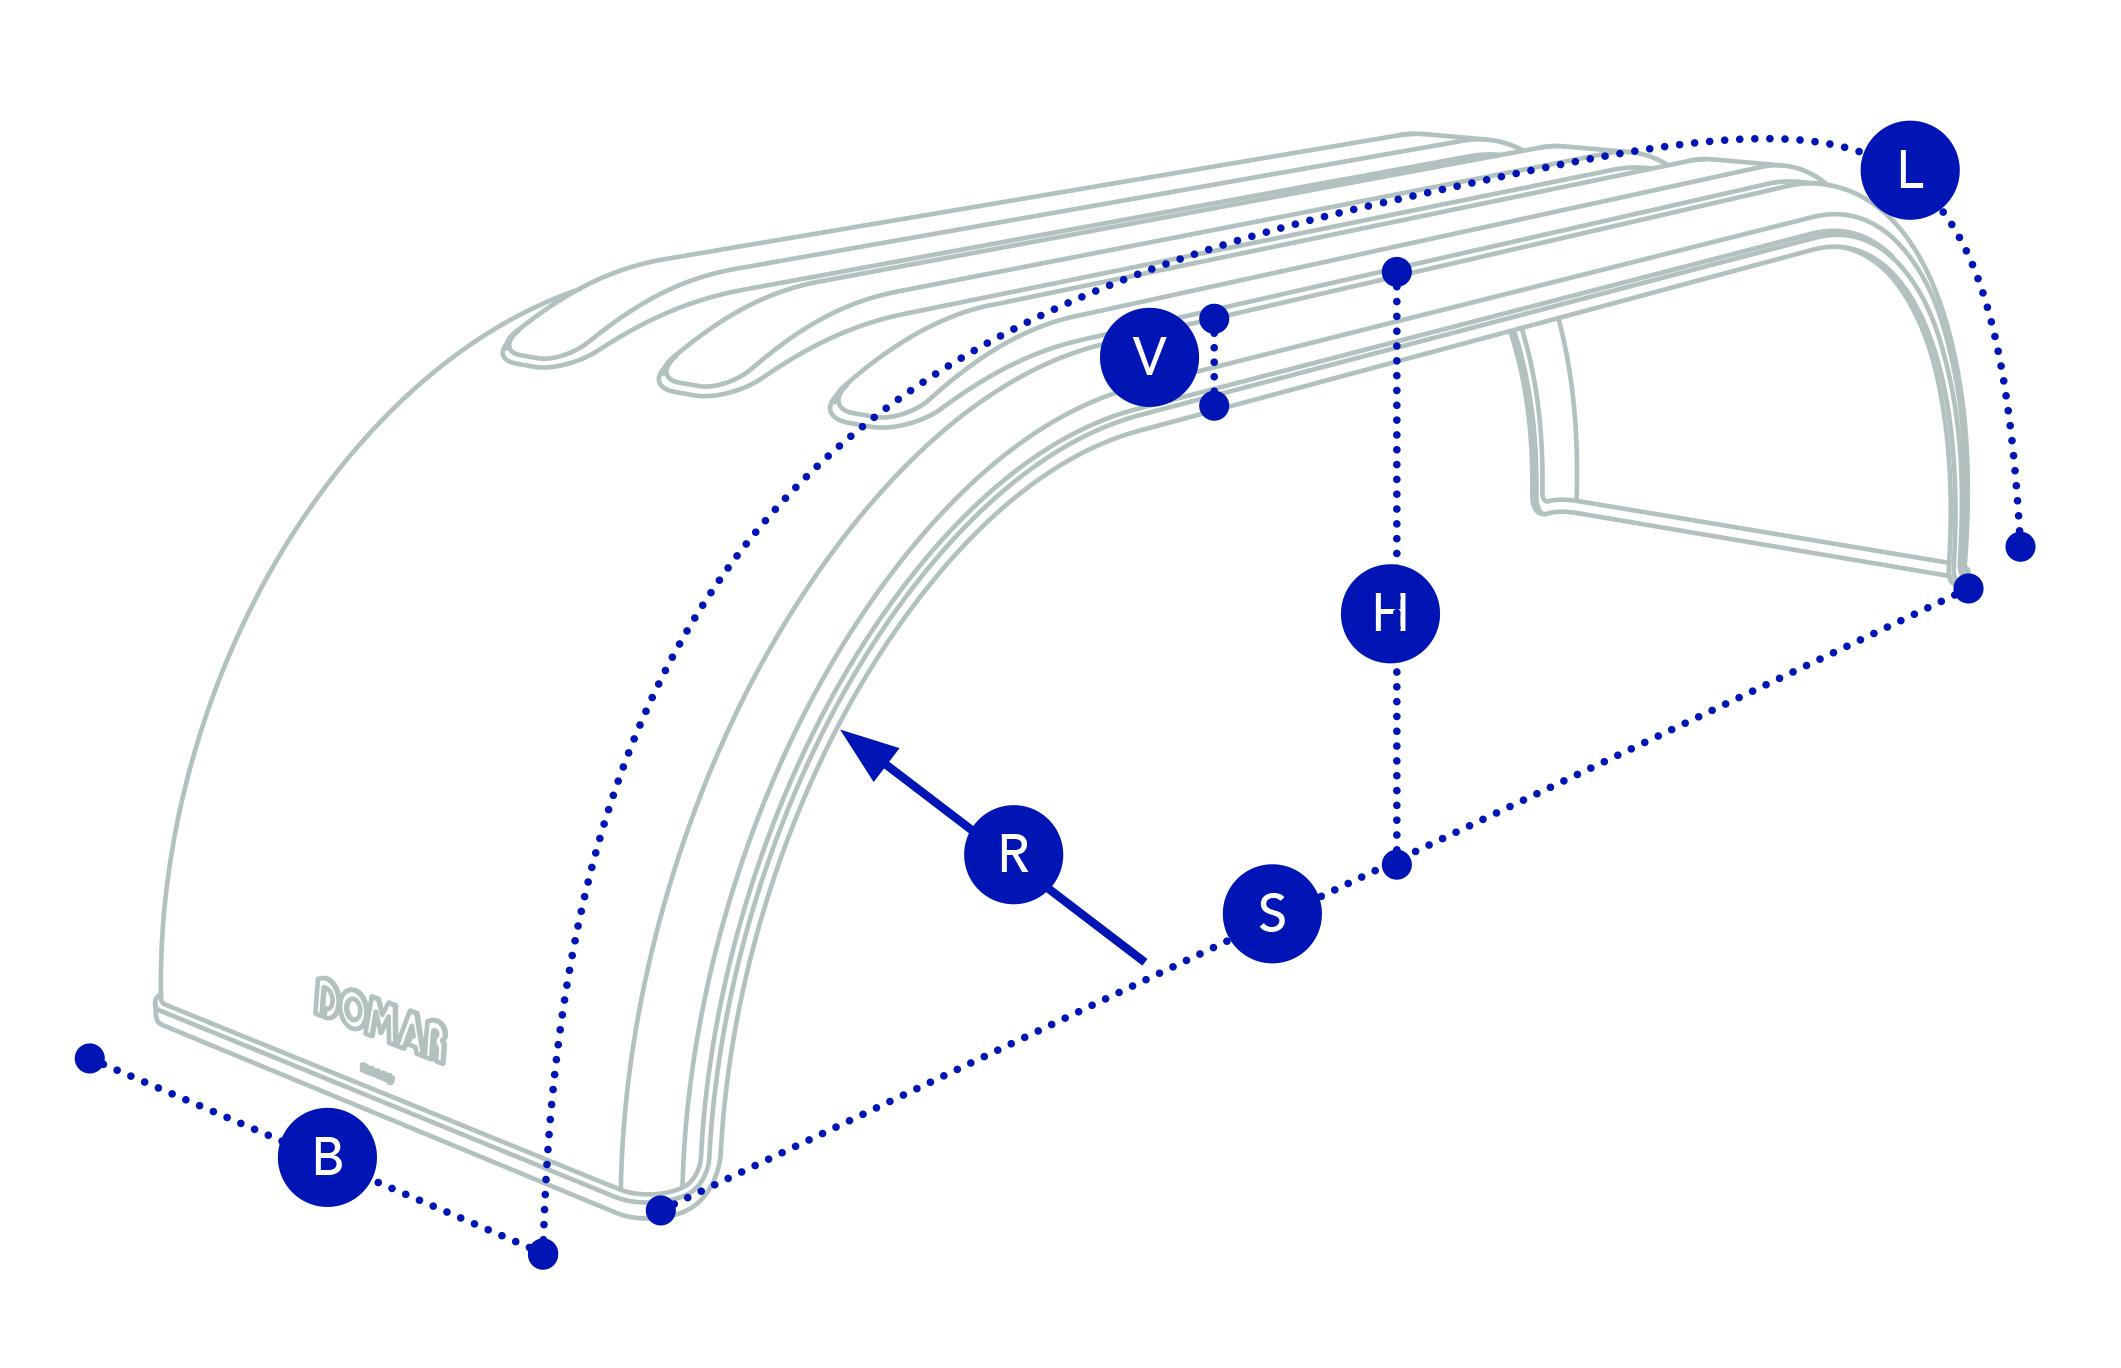 Крыло на прицеп тандем Domar DK4500, B=670 мм (Италия)